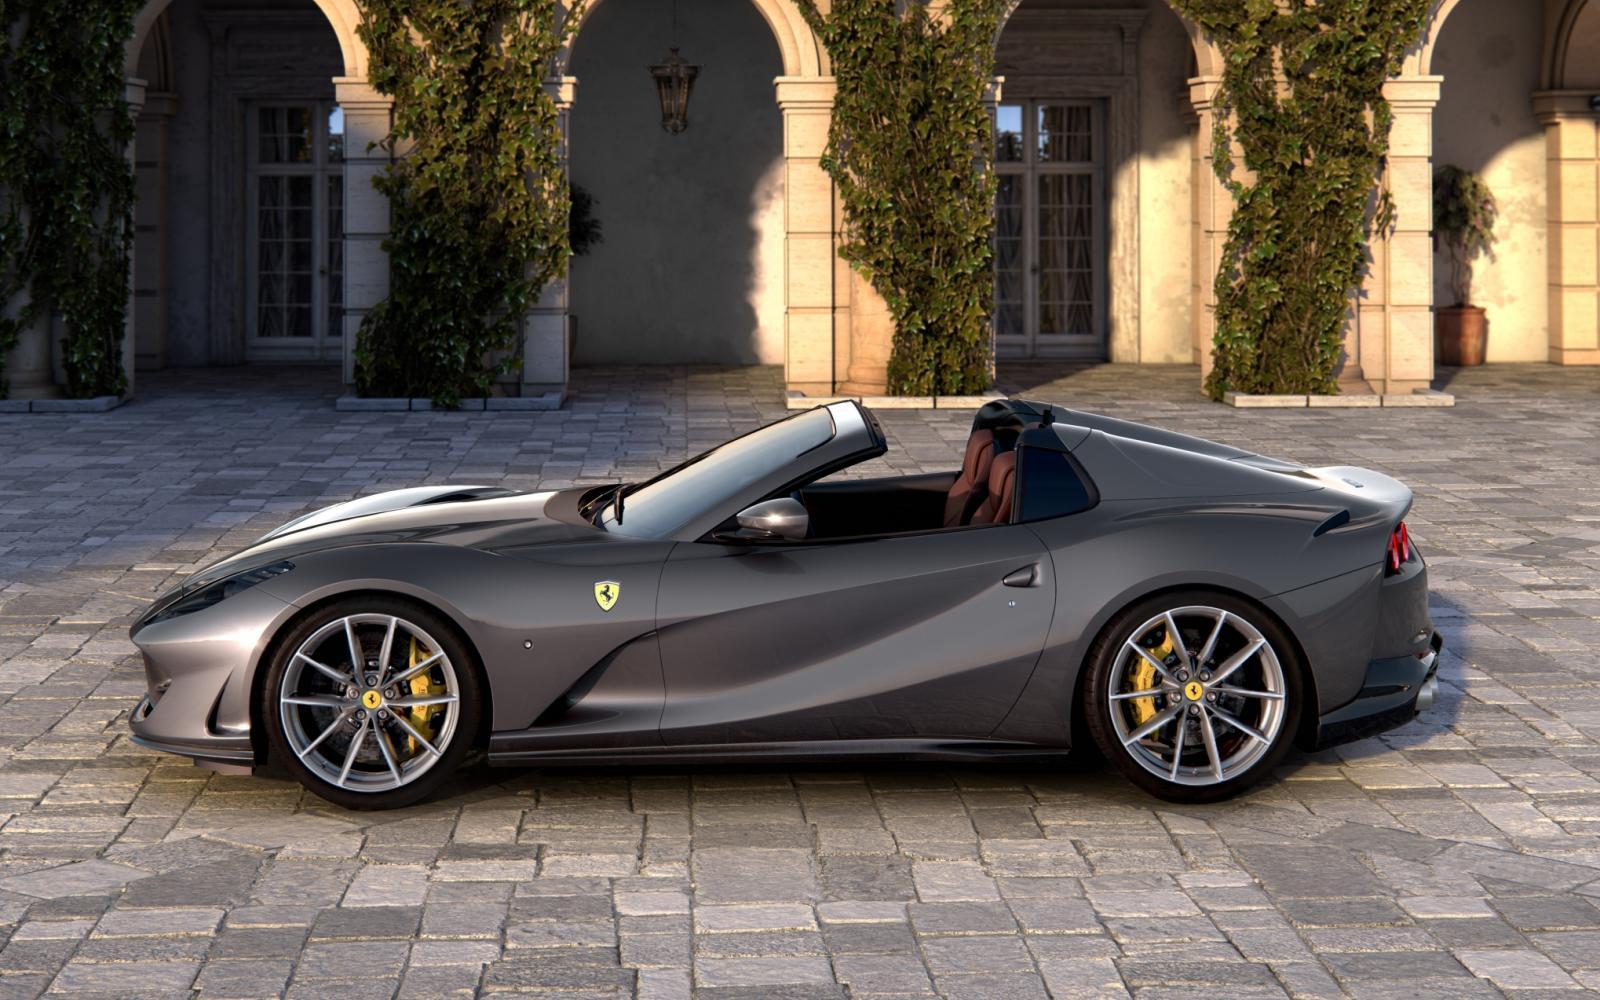 De open twaalfcilinder is terug: Ferrari 812 GTS